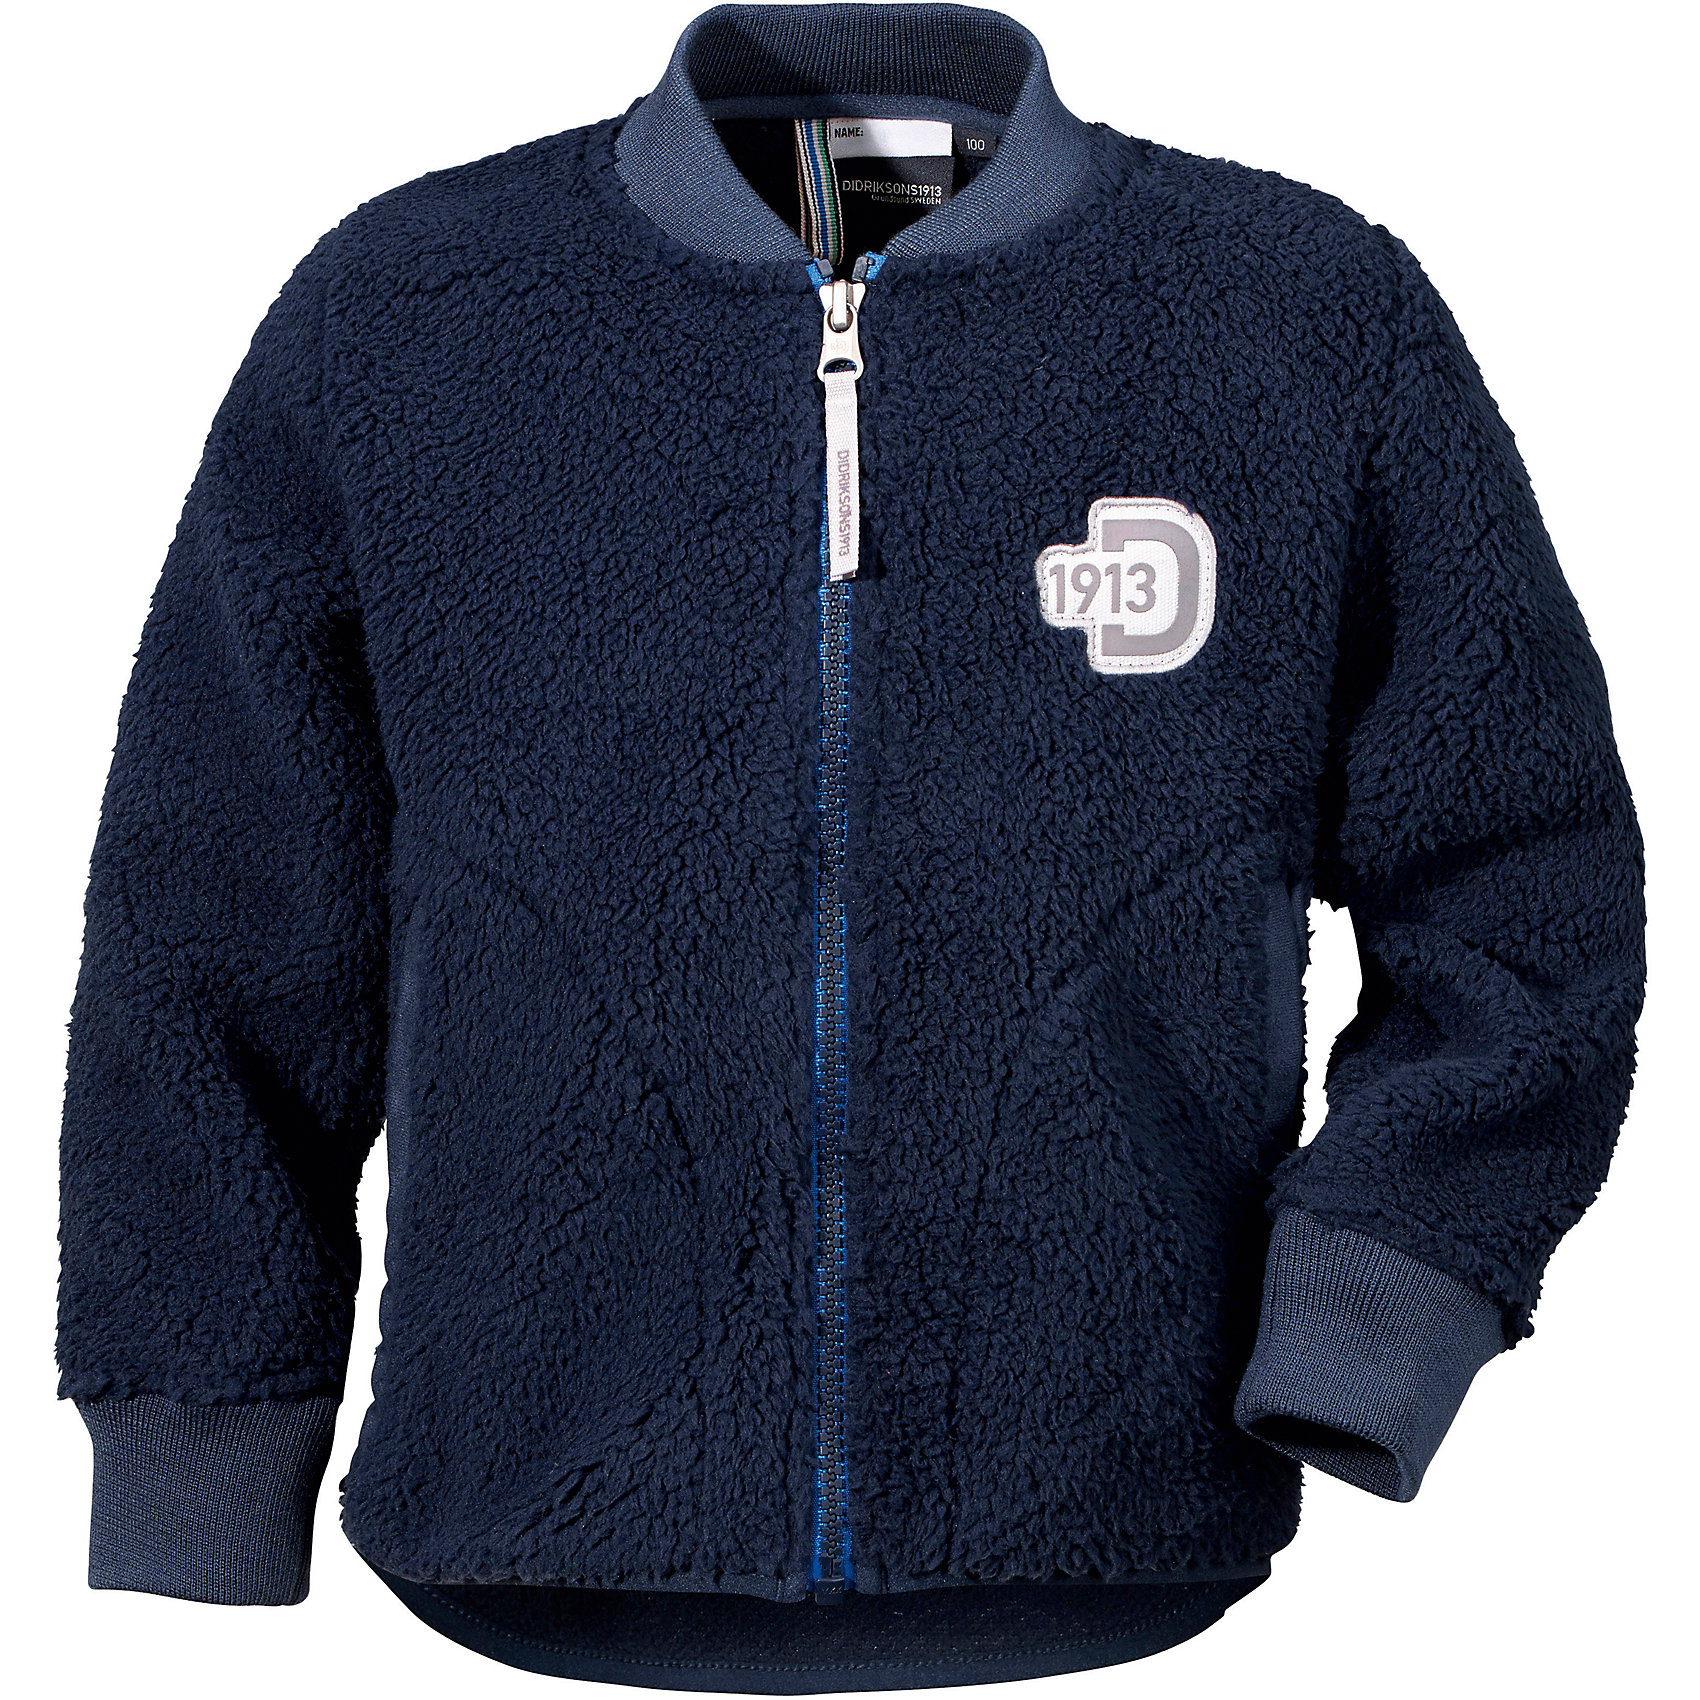 Куртка ORSA DIDRIKSONSФлис и термобелье<br>Характеристики товара:<br><br>• цвет: синий<br>• состав ткани: 100% полиэстер (флис)<br>• утеплитель: нет<br>• сезон: демисезон<br>• теплоизоляционная<br>• застежка: молния<br>• страна бренда: Швеция<br>• страна изготовитель: Китай<br><br>Эта теплая куртка для ребенка отличается комфортной посадкой. Детская куртка обладает хорошими теплоизоляционными свойствами. Мягкая детская куртка может надеваться под верхнюю одежду для дополнительного утепления. Флисовая детская куртка легко надевается благодаря удобной застежке. <br><br>Куртку Orsa Didriksons (Дидриксонс) можно купить в нашем интернет-магазине.<br><br>Ширина мм: 356<br>Глубина мм: 10<br>Высота мм: 245<br>Вес г: 519<br>Цвет: голубой<br>Возраст от месяцев: 12<br>Возраст до месяцев: 15<br>Пол: Унисекс<br>Возраст: Детский<br>Размер: 80,140,130,120,110,100,90<br>SKU: 7045298